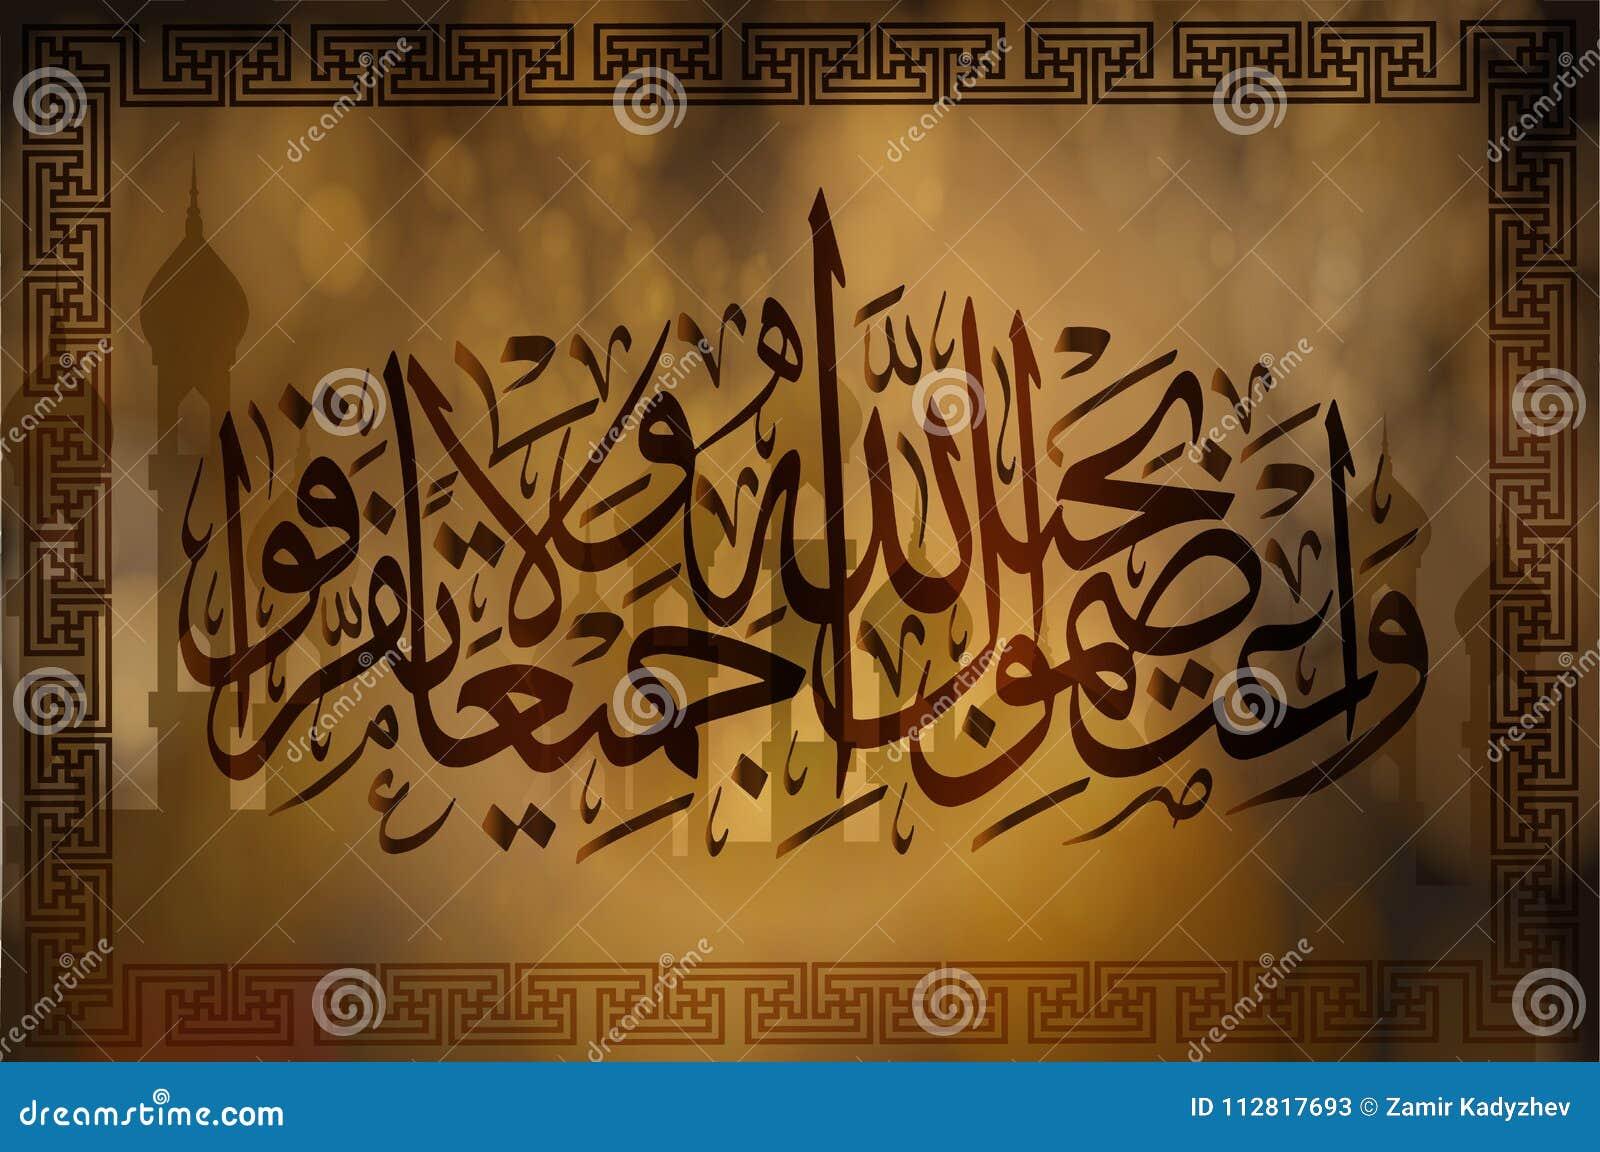 Calligraphie arabe Sura 3 AL IMRAN